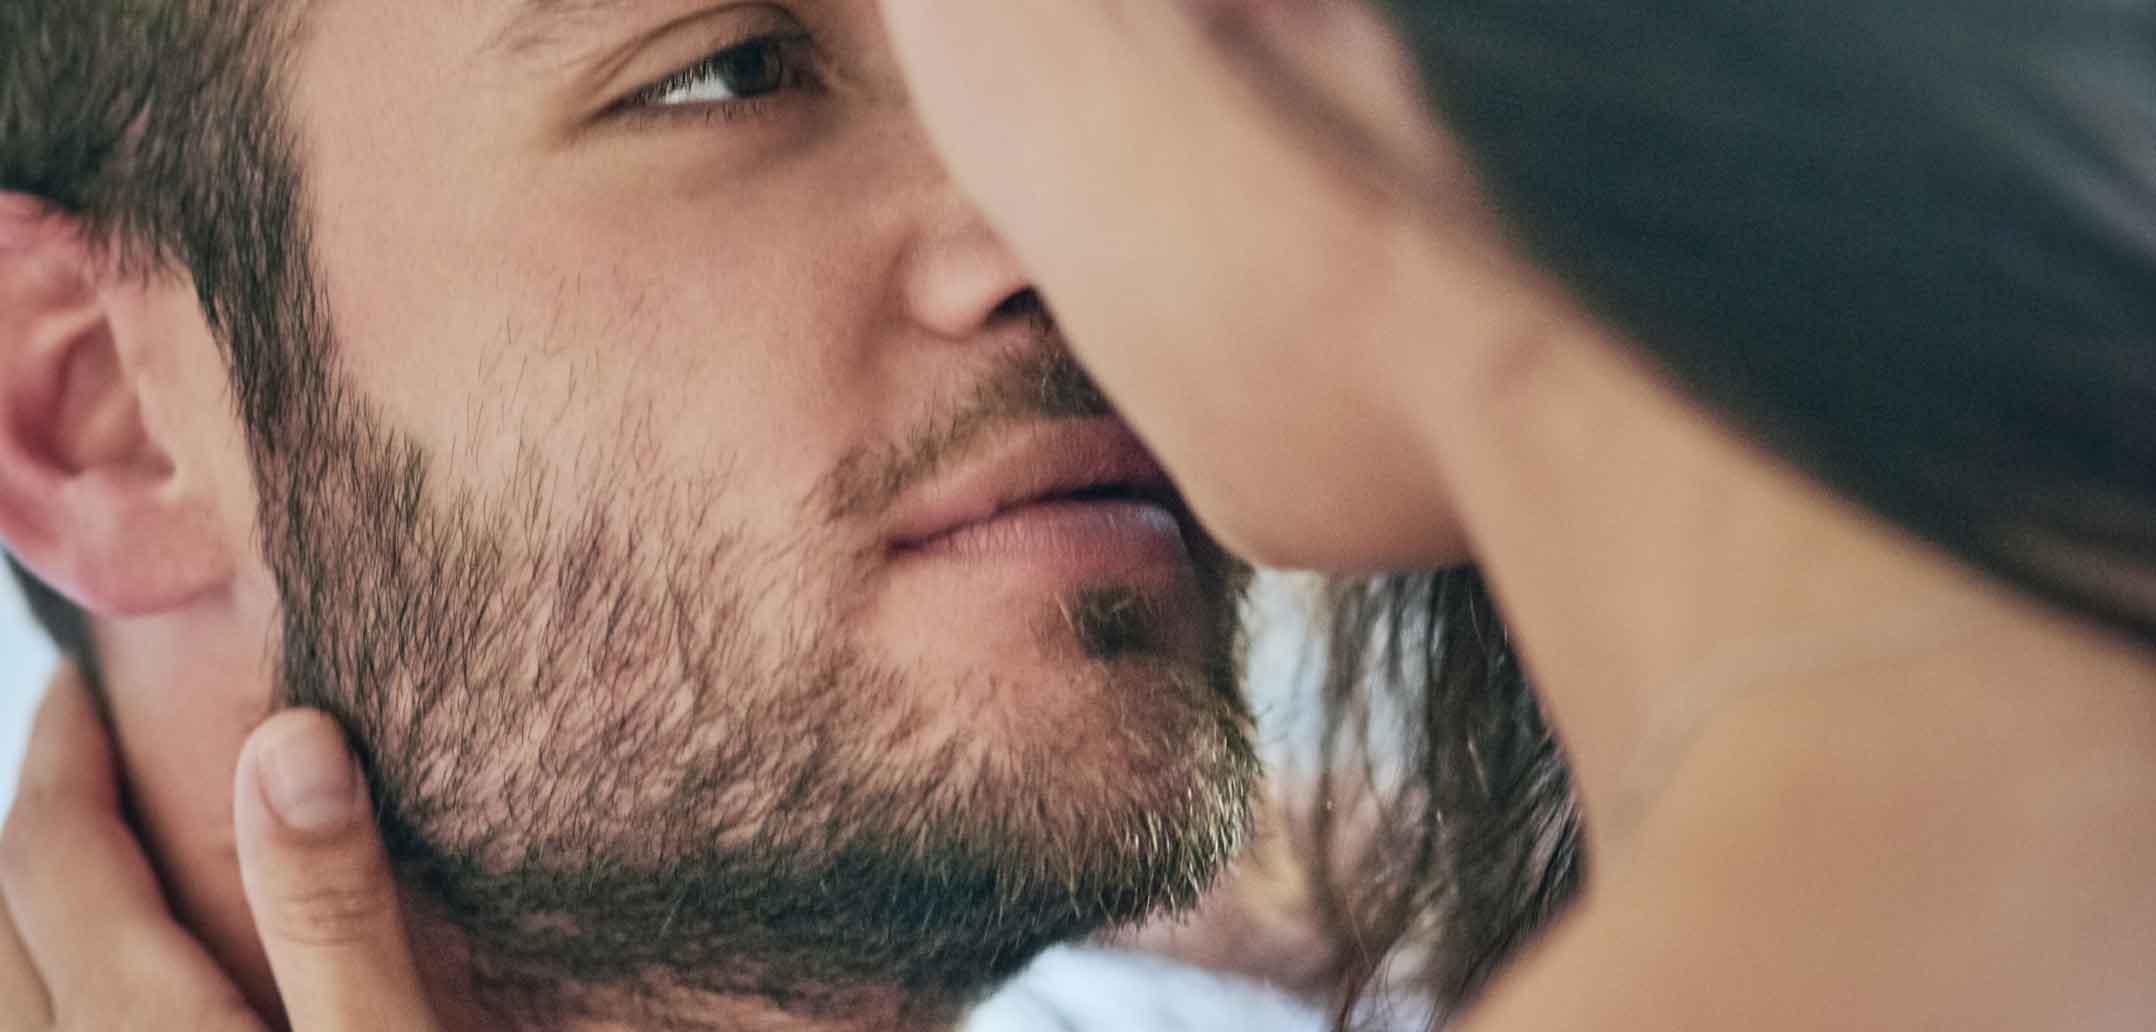 sextreffen in meiner nähe